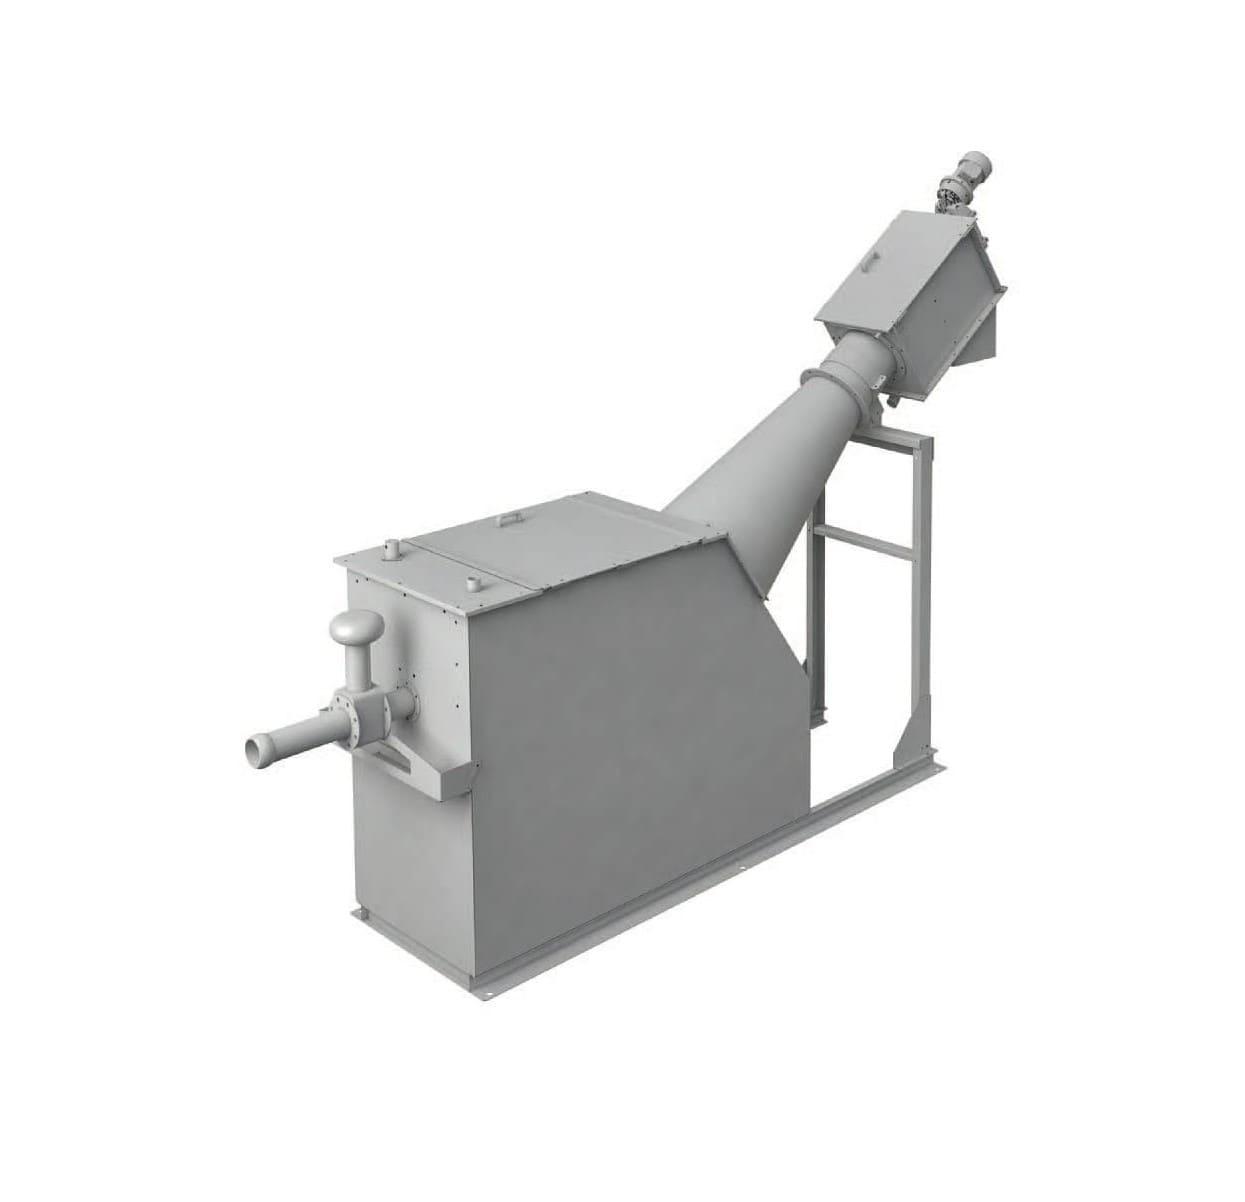 EQUIP SEP est une machine utilisée pour prétraiter les eaux des égouts et des eaux usées industrielles transportées par un camion de curage, qui doivent être traitées avant d'être renvoyé vers la station d'épuration. L'équipement reçoit les eaux directement du camion au moyen d'un raccord rapide de type DN Perrot. Les effluents passent à travers un tamis perforé afin d'éliminer tous les solides en suspension. L'ensemble des déchets filtrés sont ensuite convoyés par la vis jusqu'à la zone de lavage et compactage.